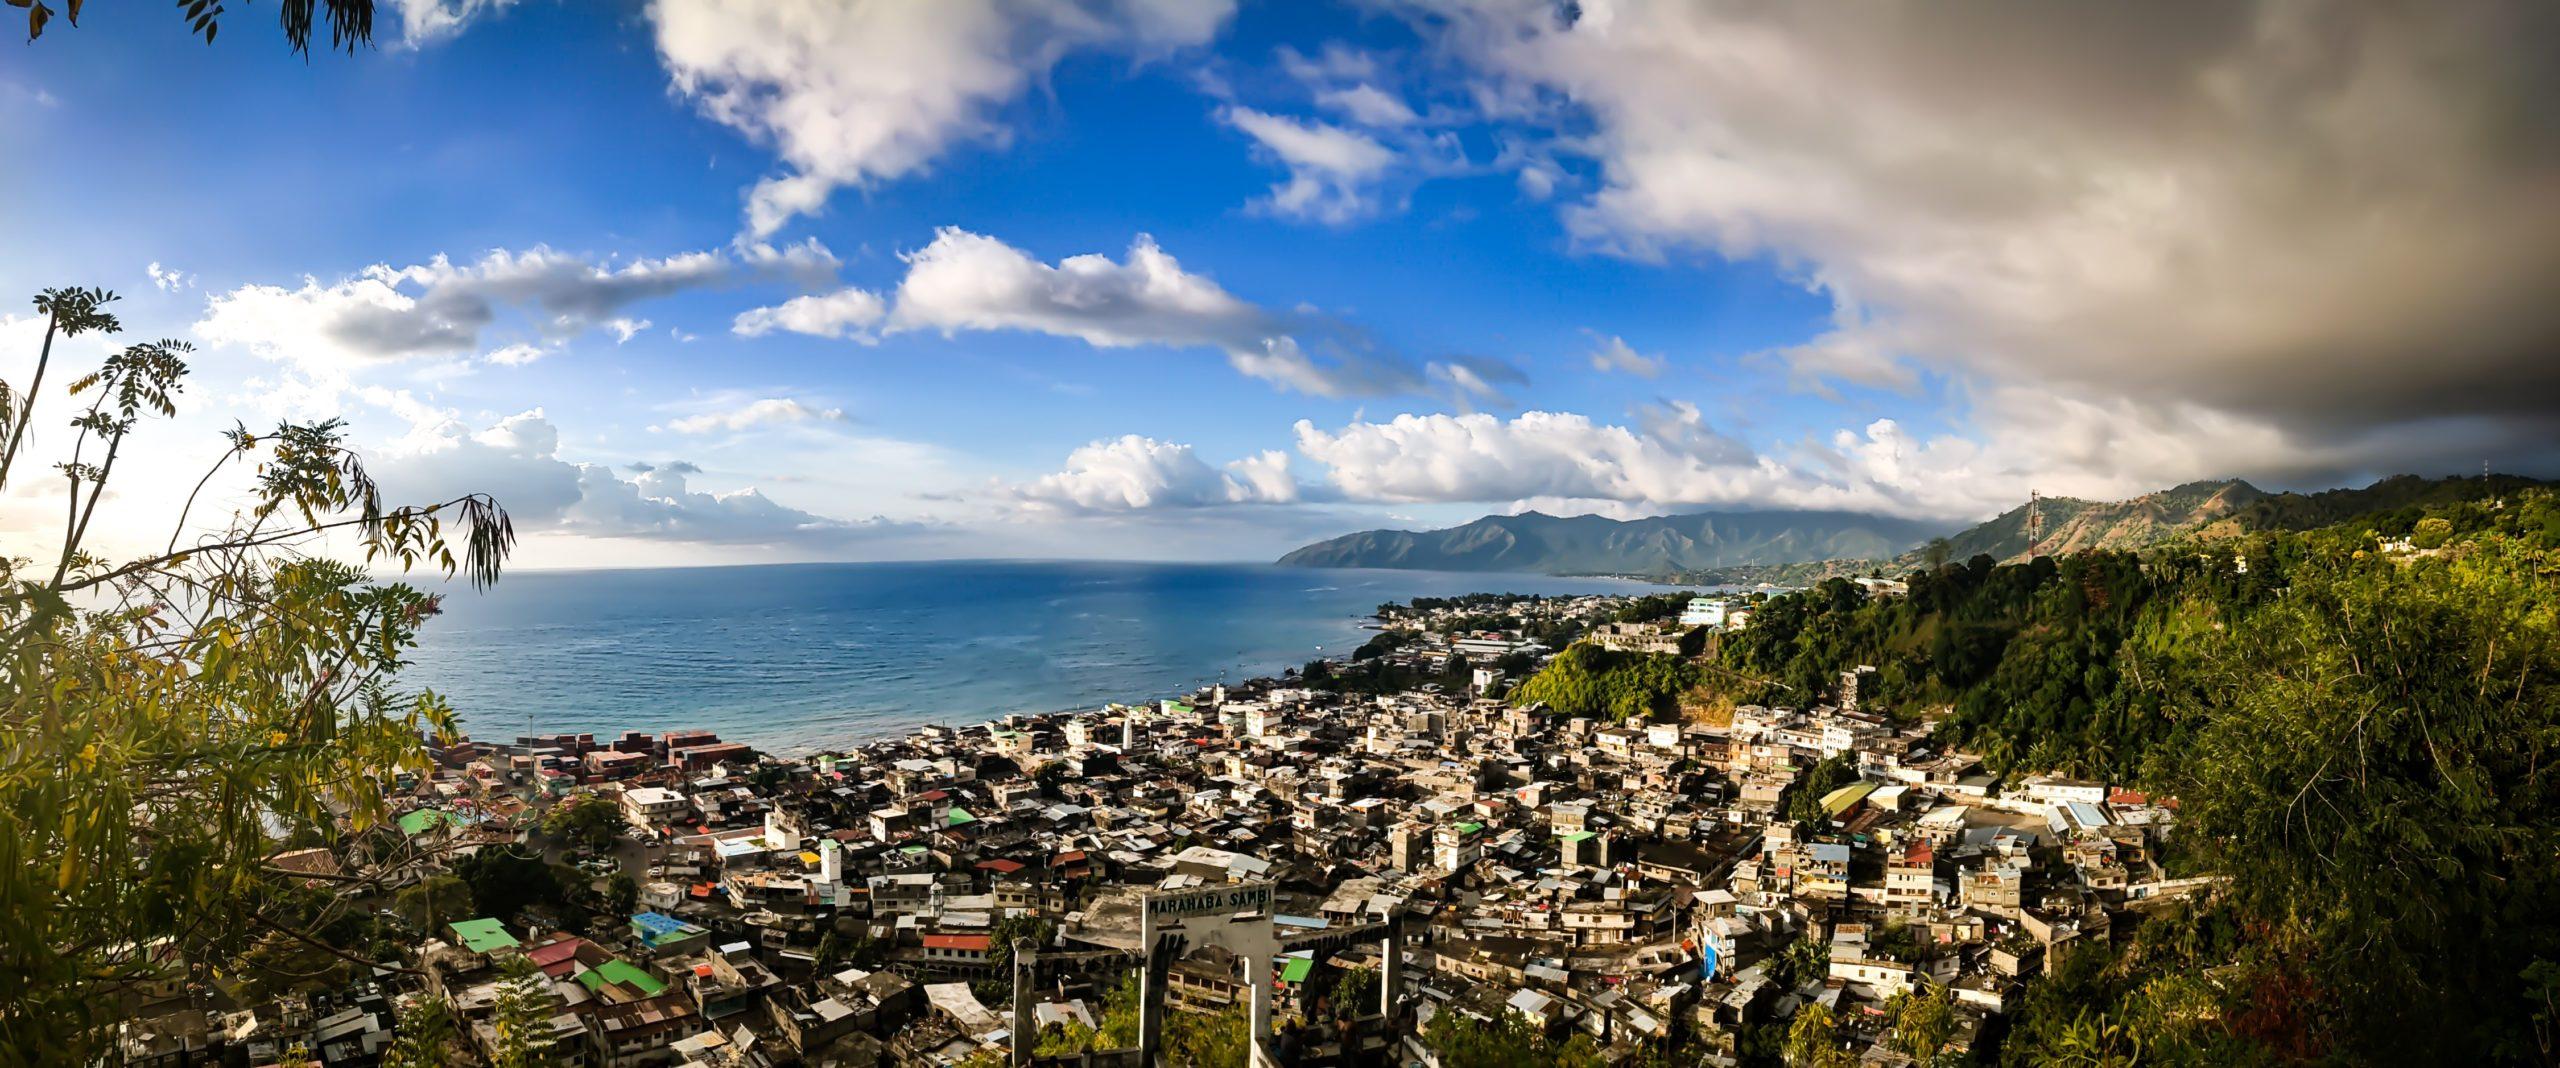 10 bonnes raisons de visiter les Comores